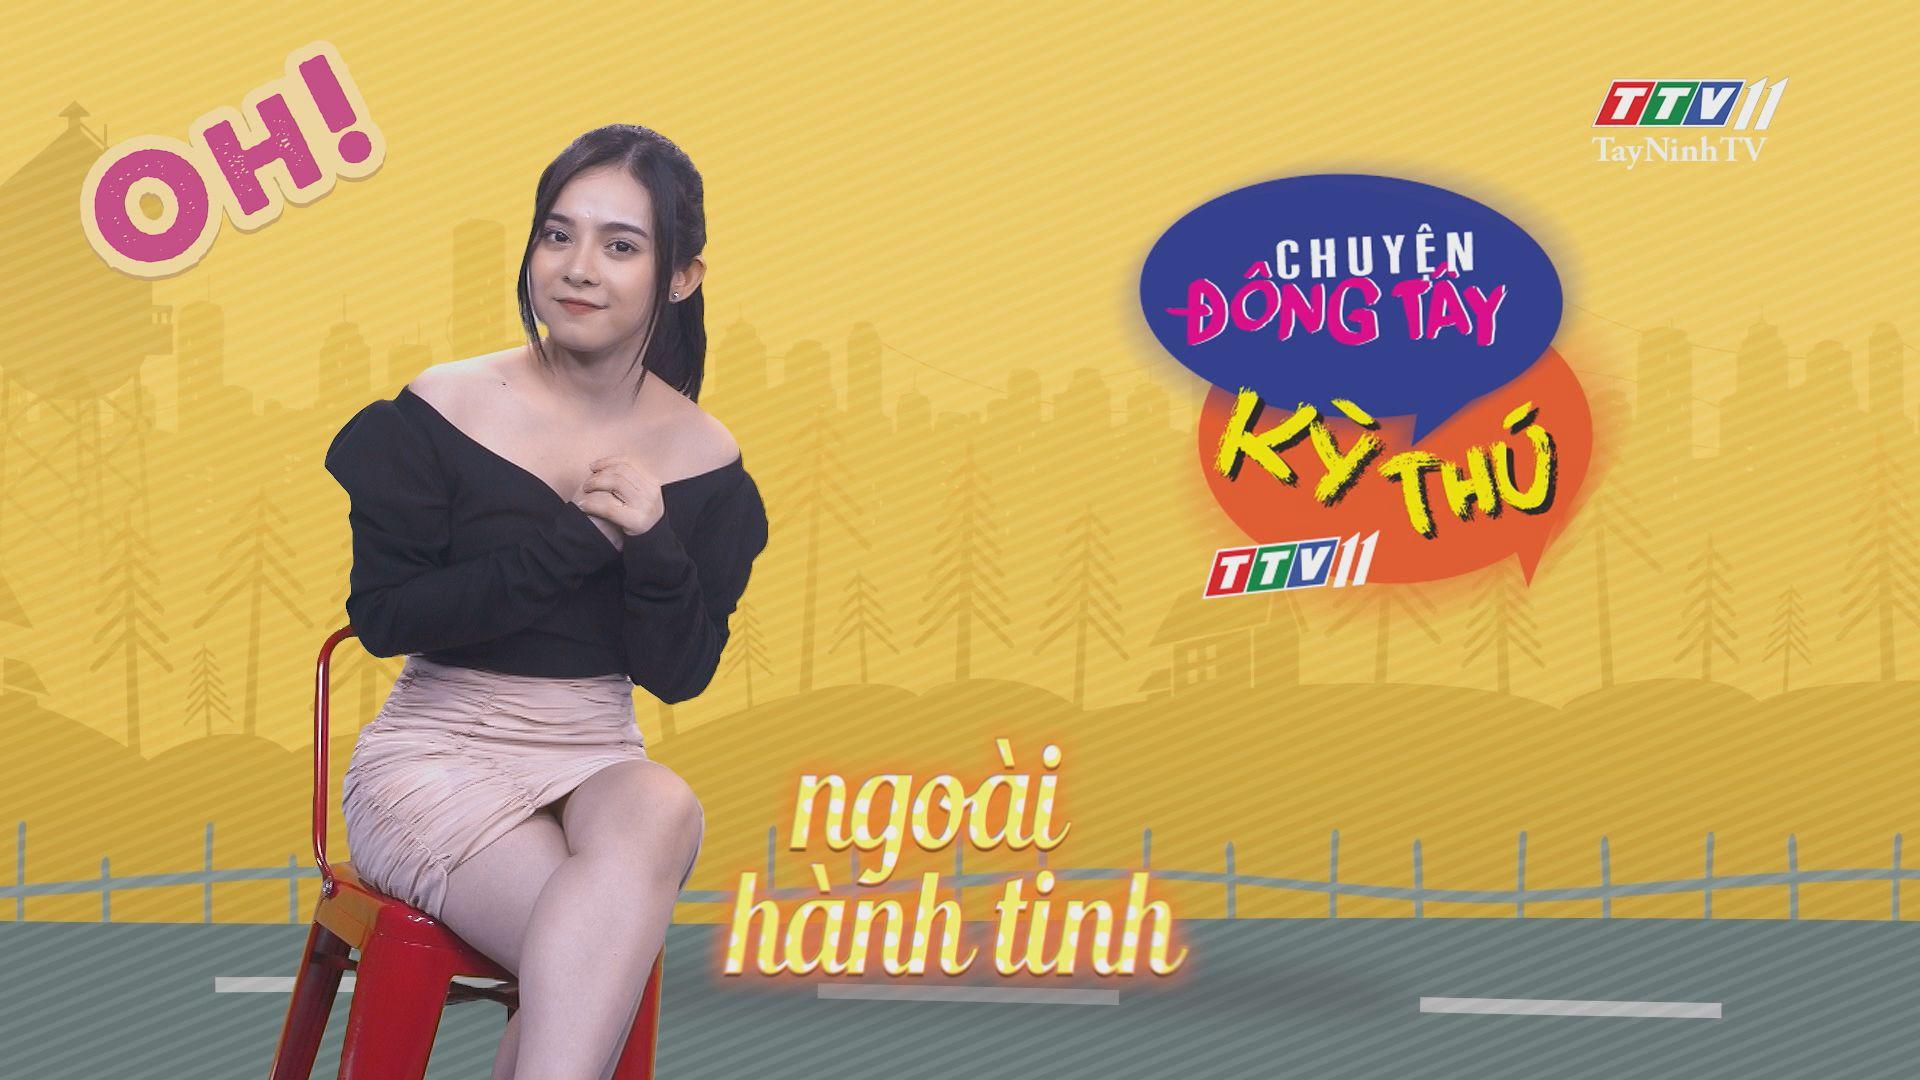 Chuyện Đông Tây Kỳ Thú 09-5-2020 | TayNinhTV